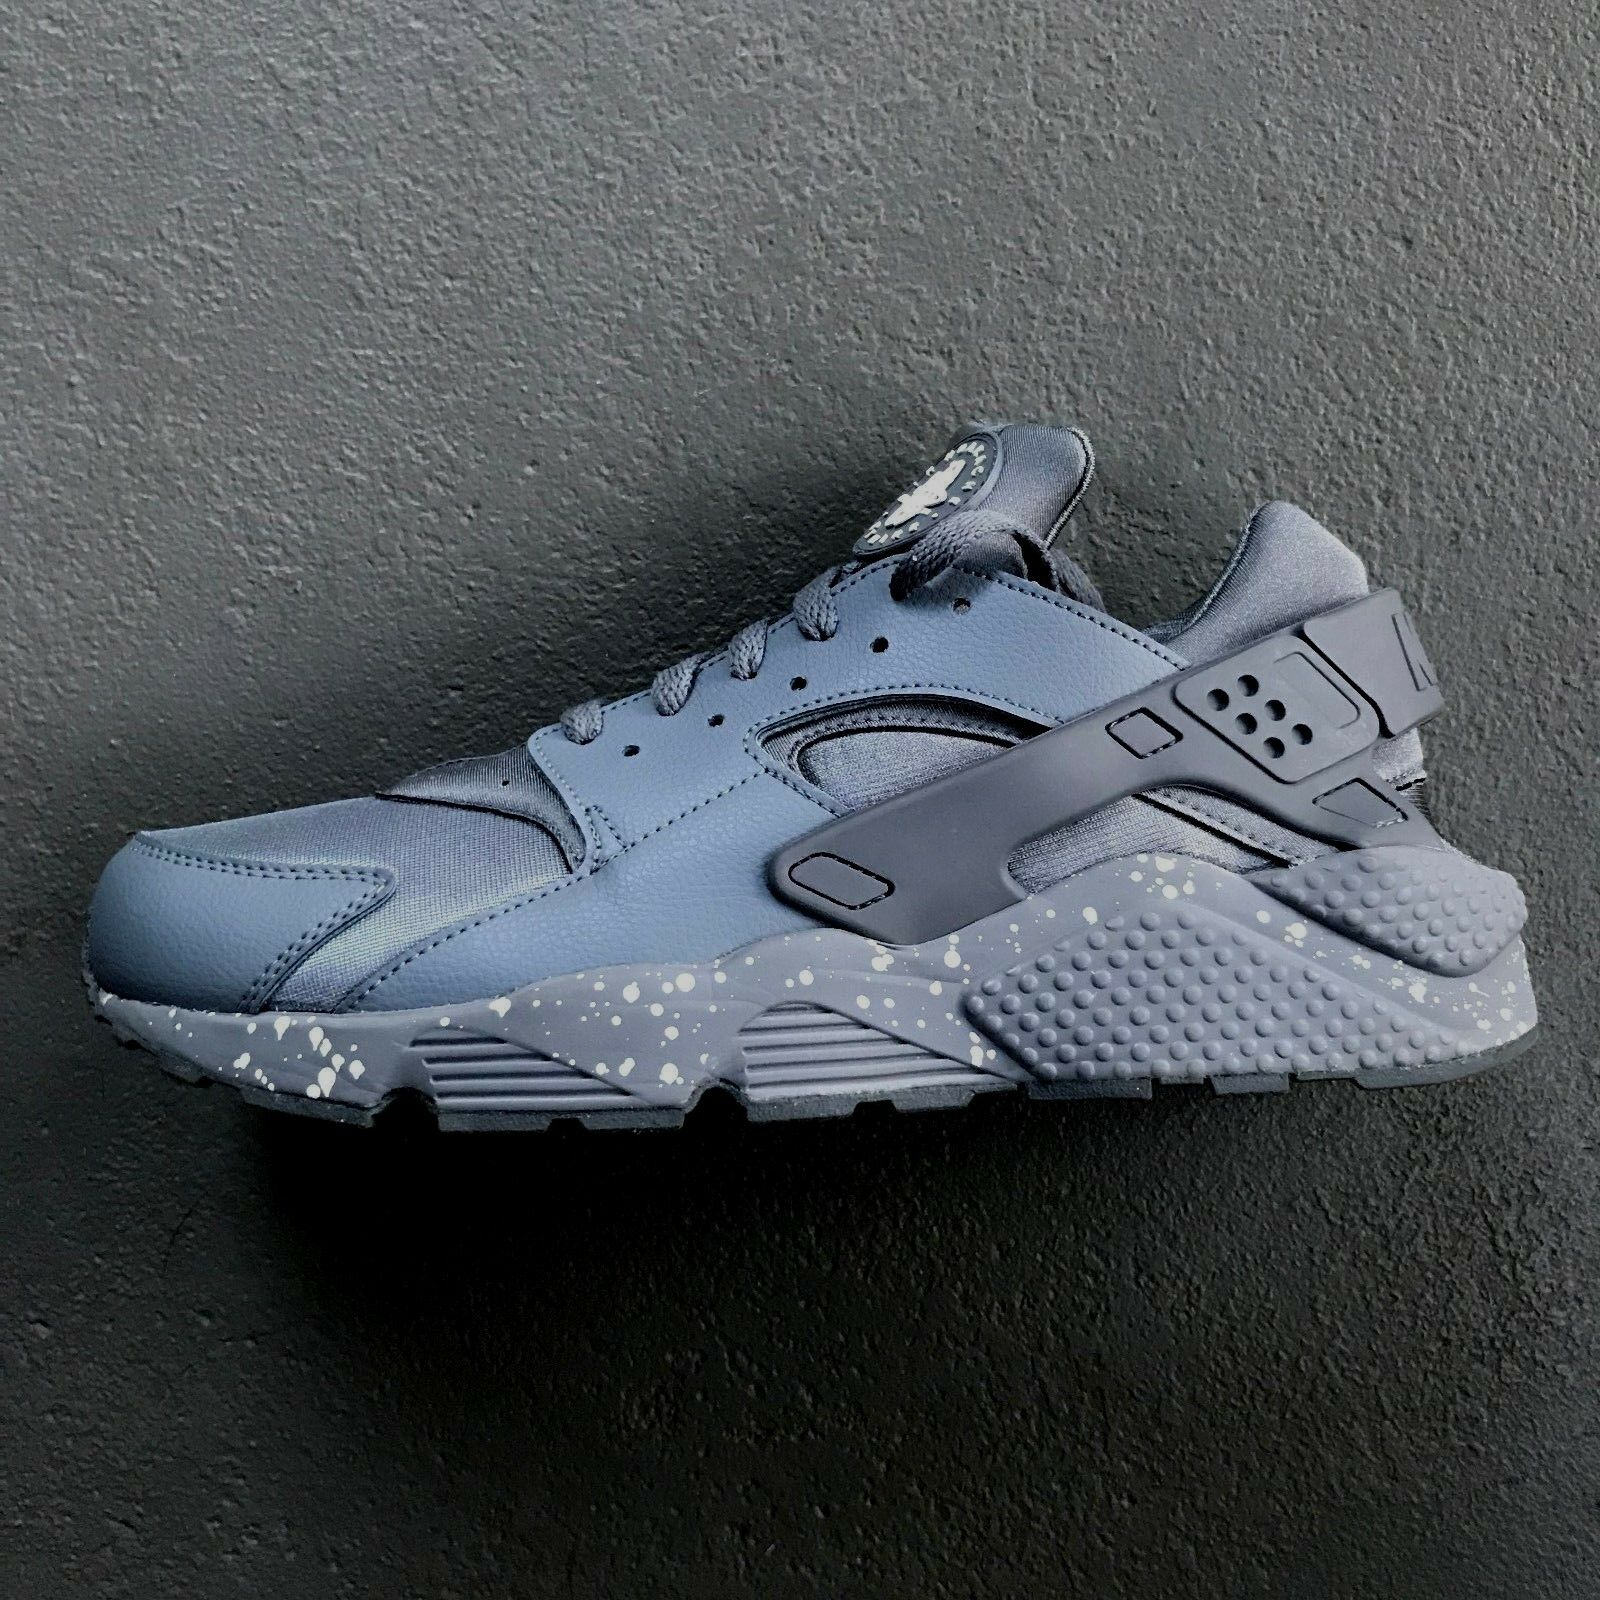 45a217d1df6 Nike Air Huarache ID 12 Dark Grey White Cement Speckle Sz Run  npbxhg3623-new shoes